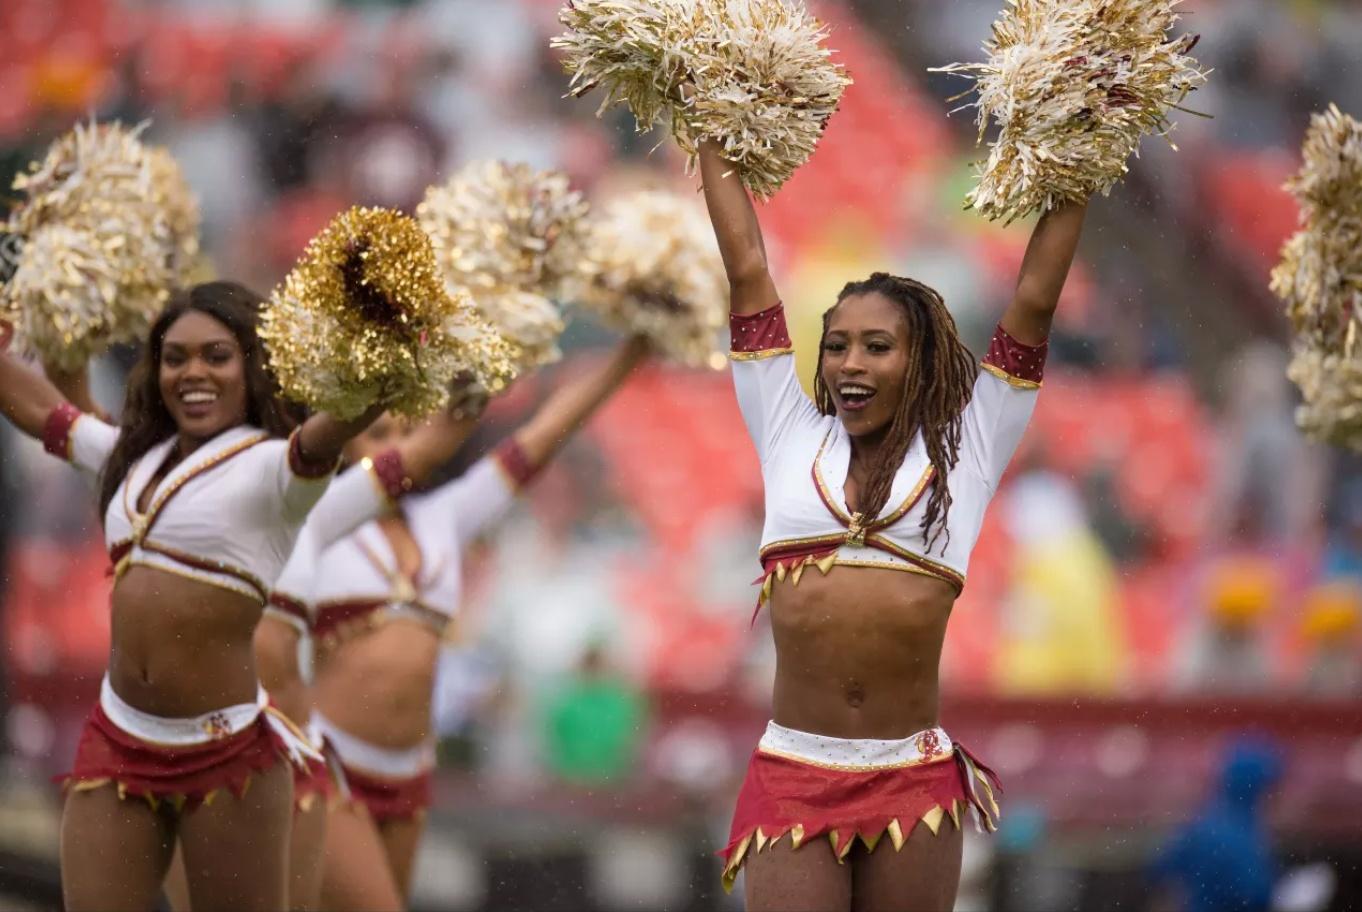 Redskins Pro Cheerleaders custom uniforms